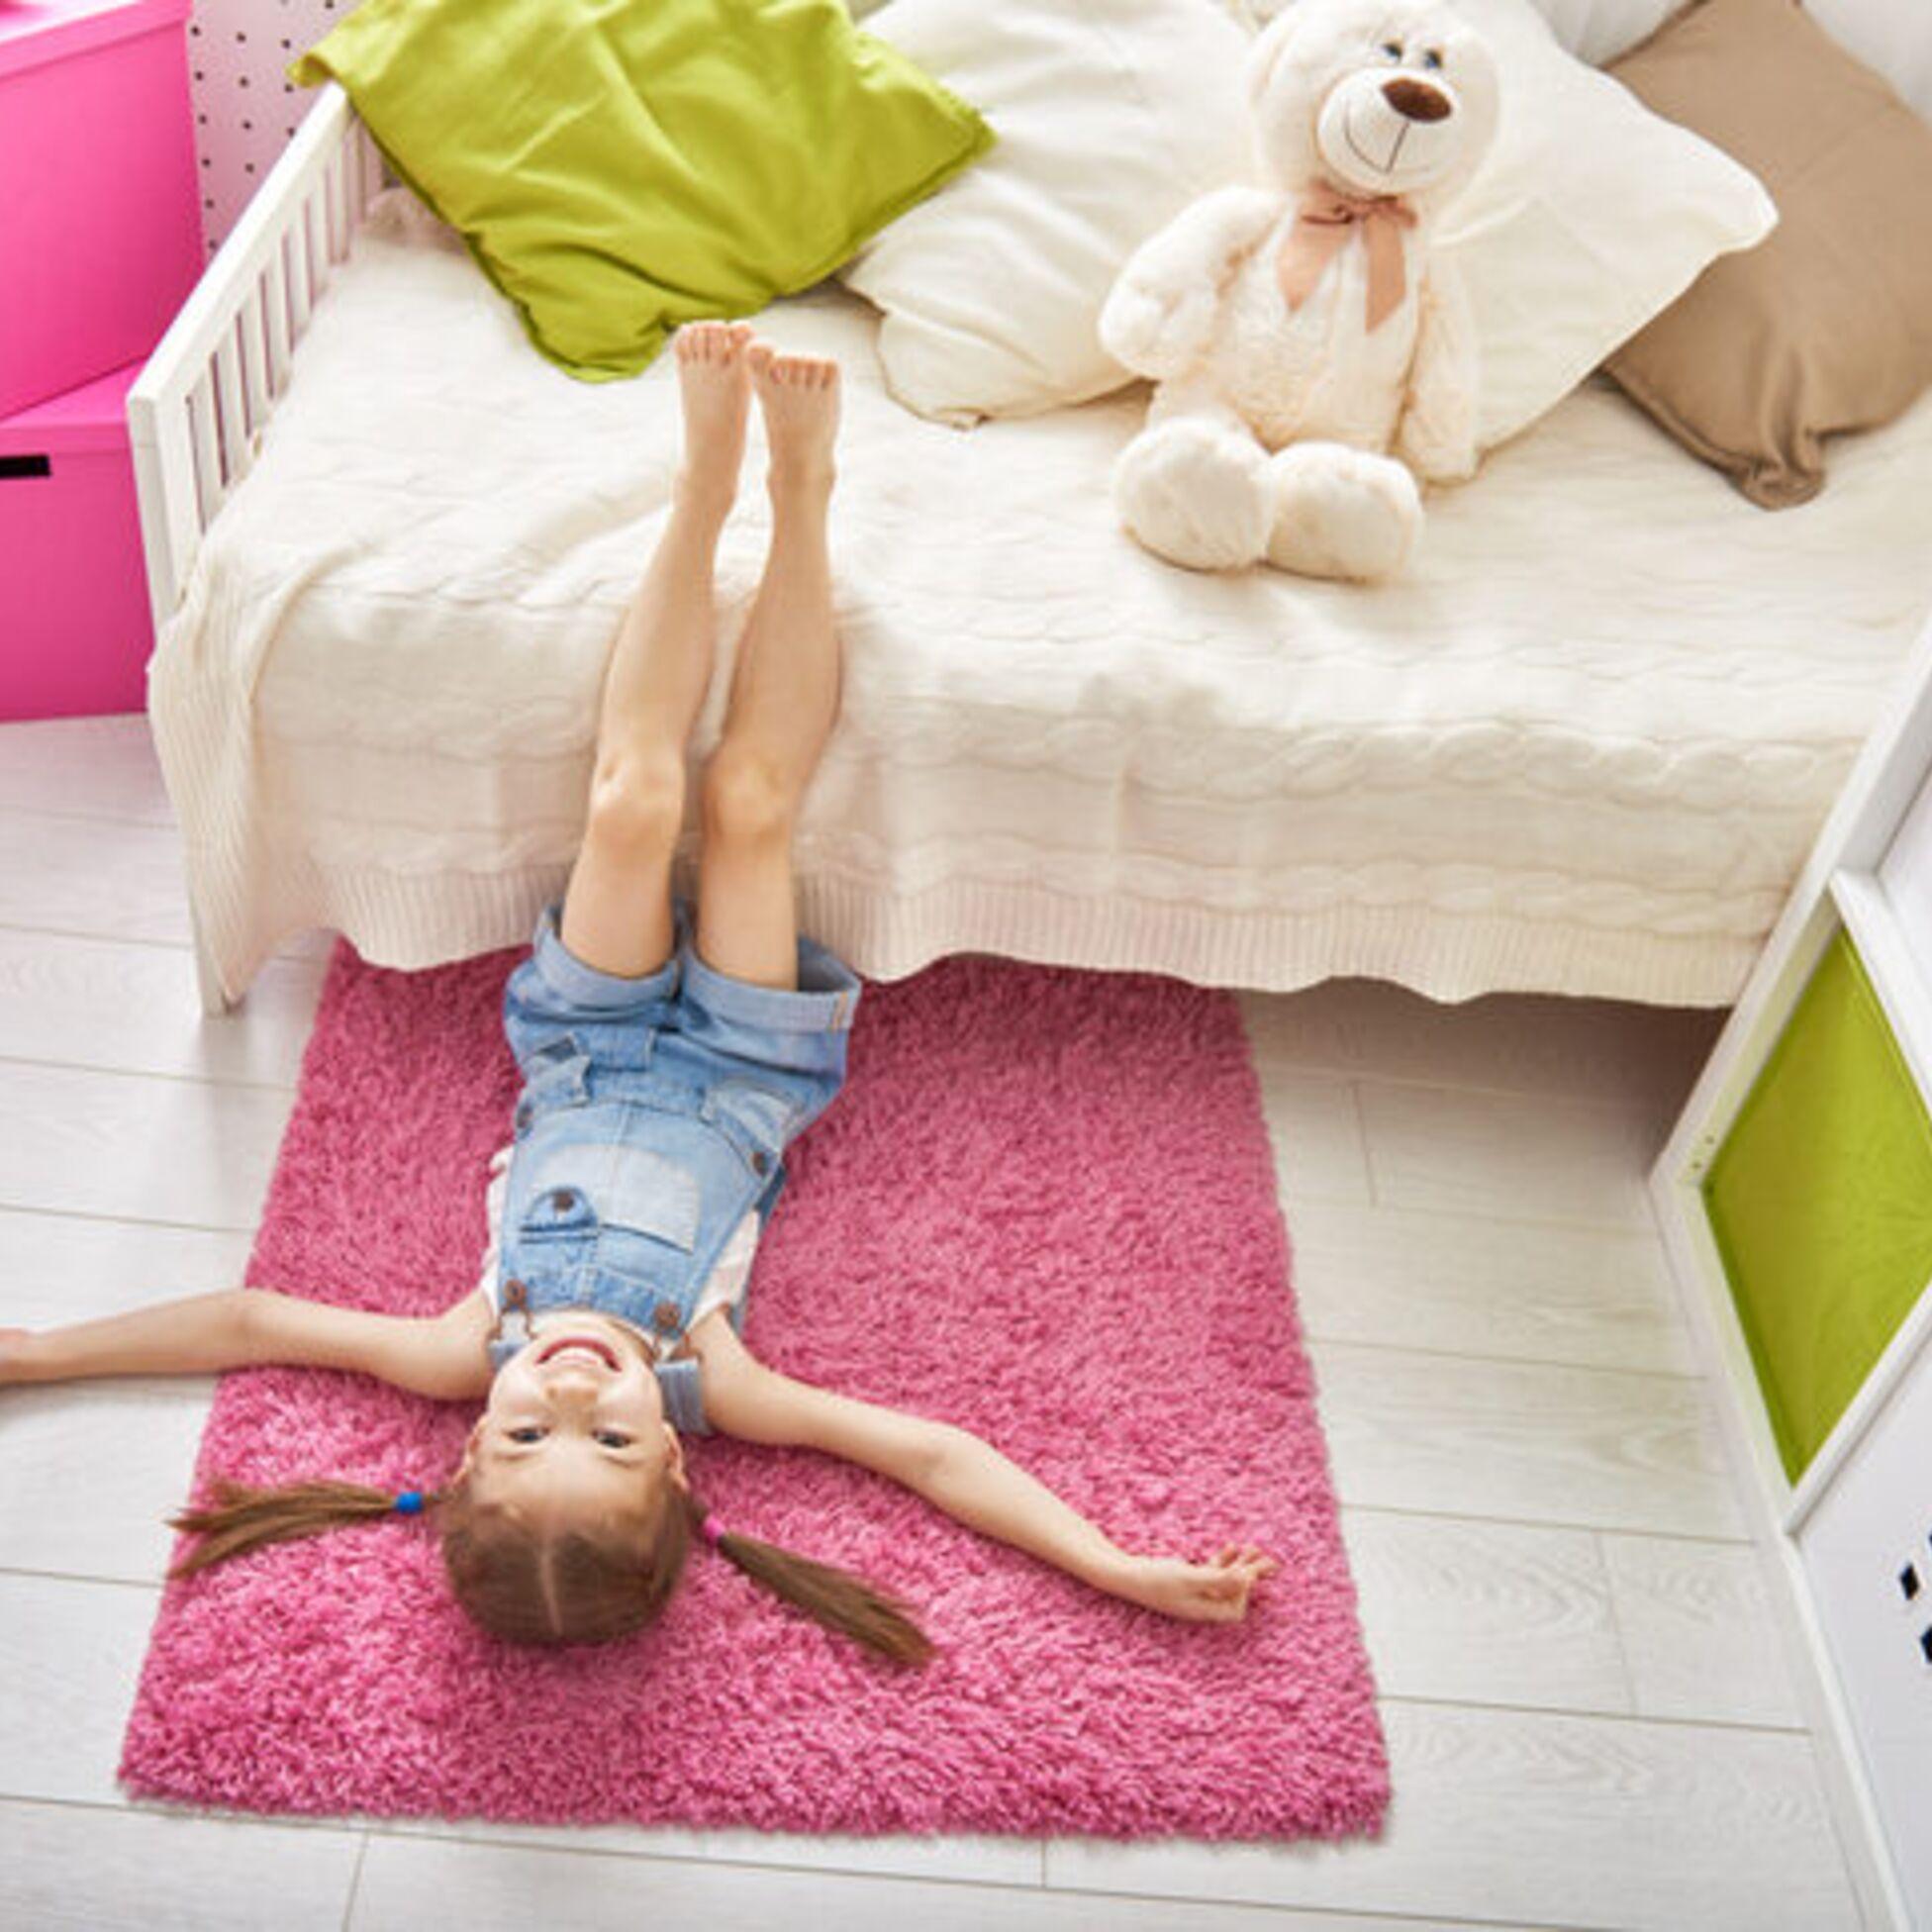 Mädchen liegt in seinem Kinderzimmer